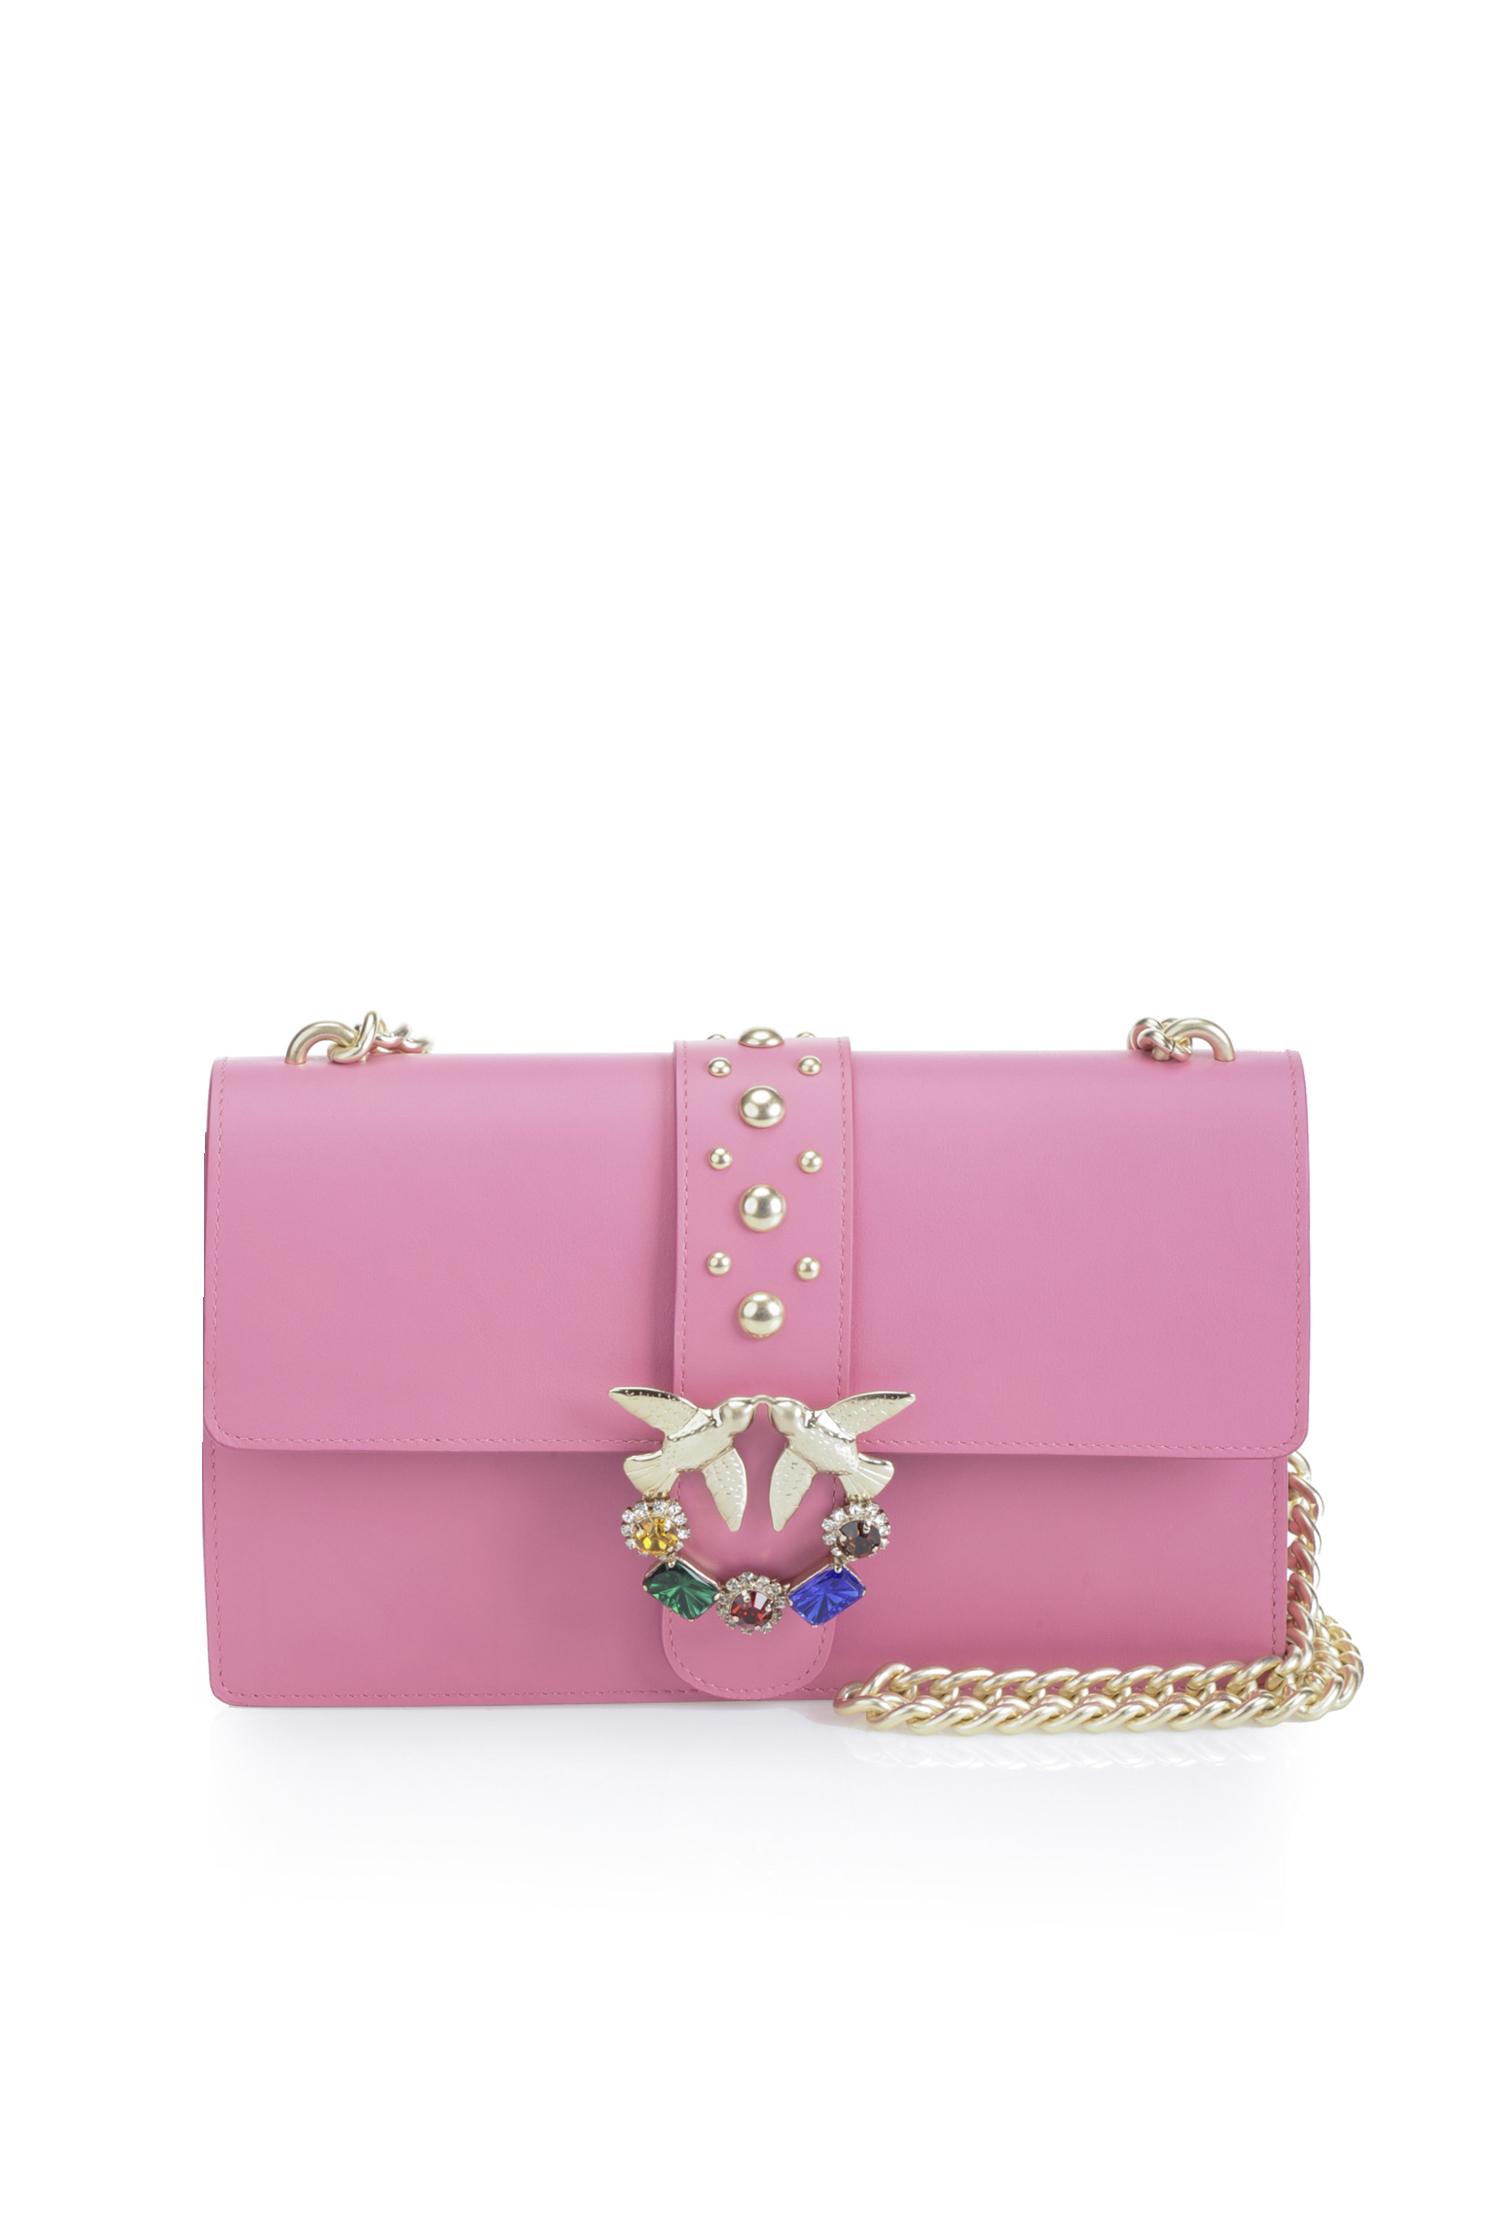 Borsa Love Bag con strass prezzo 330 euro